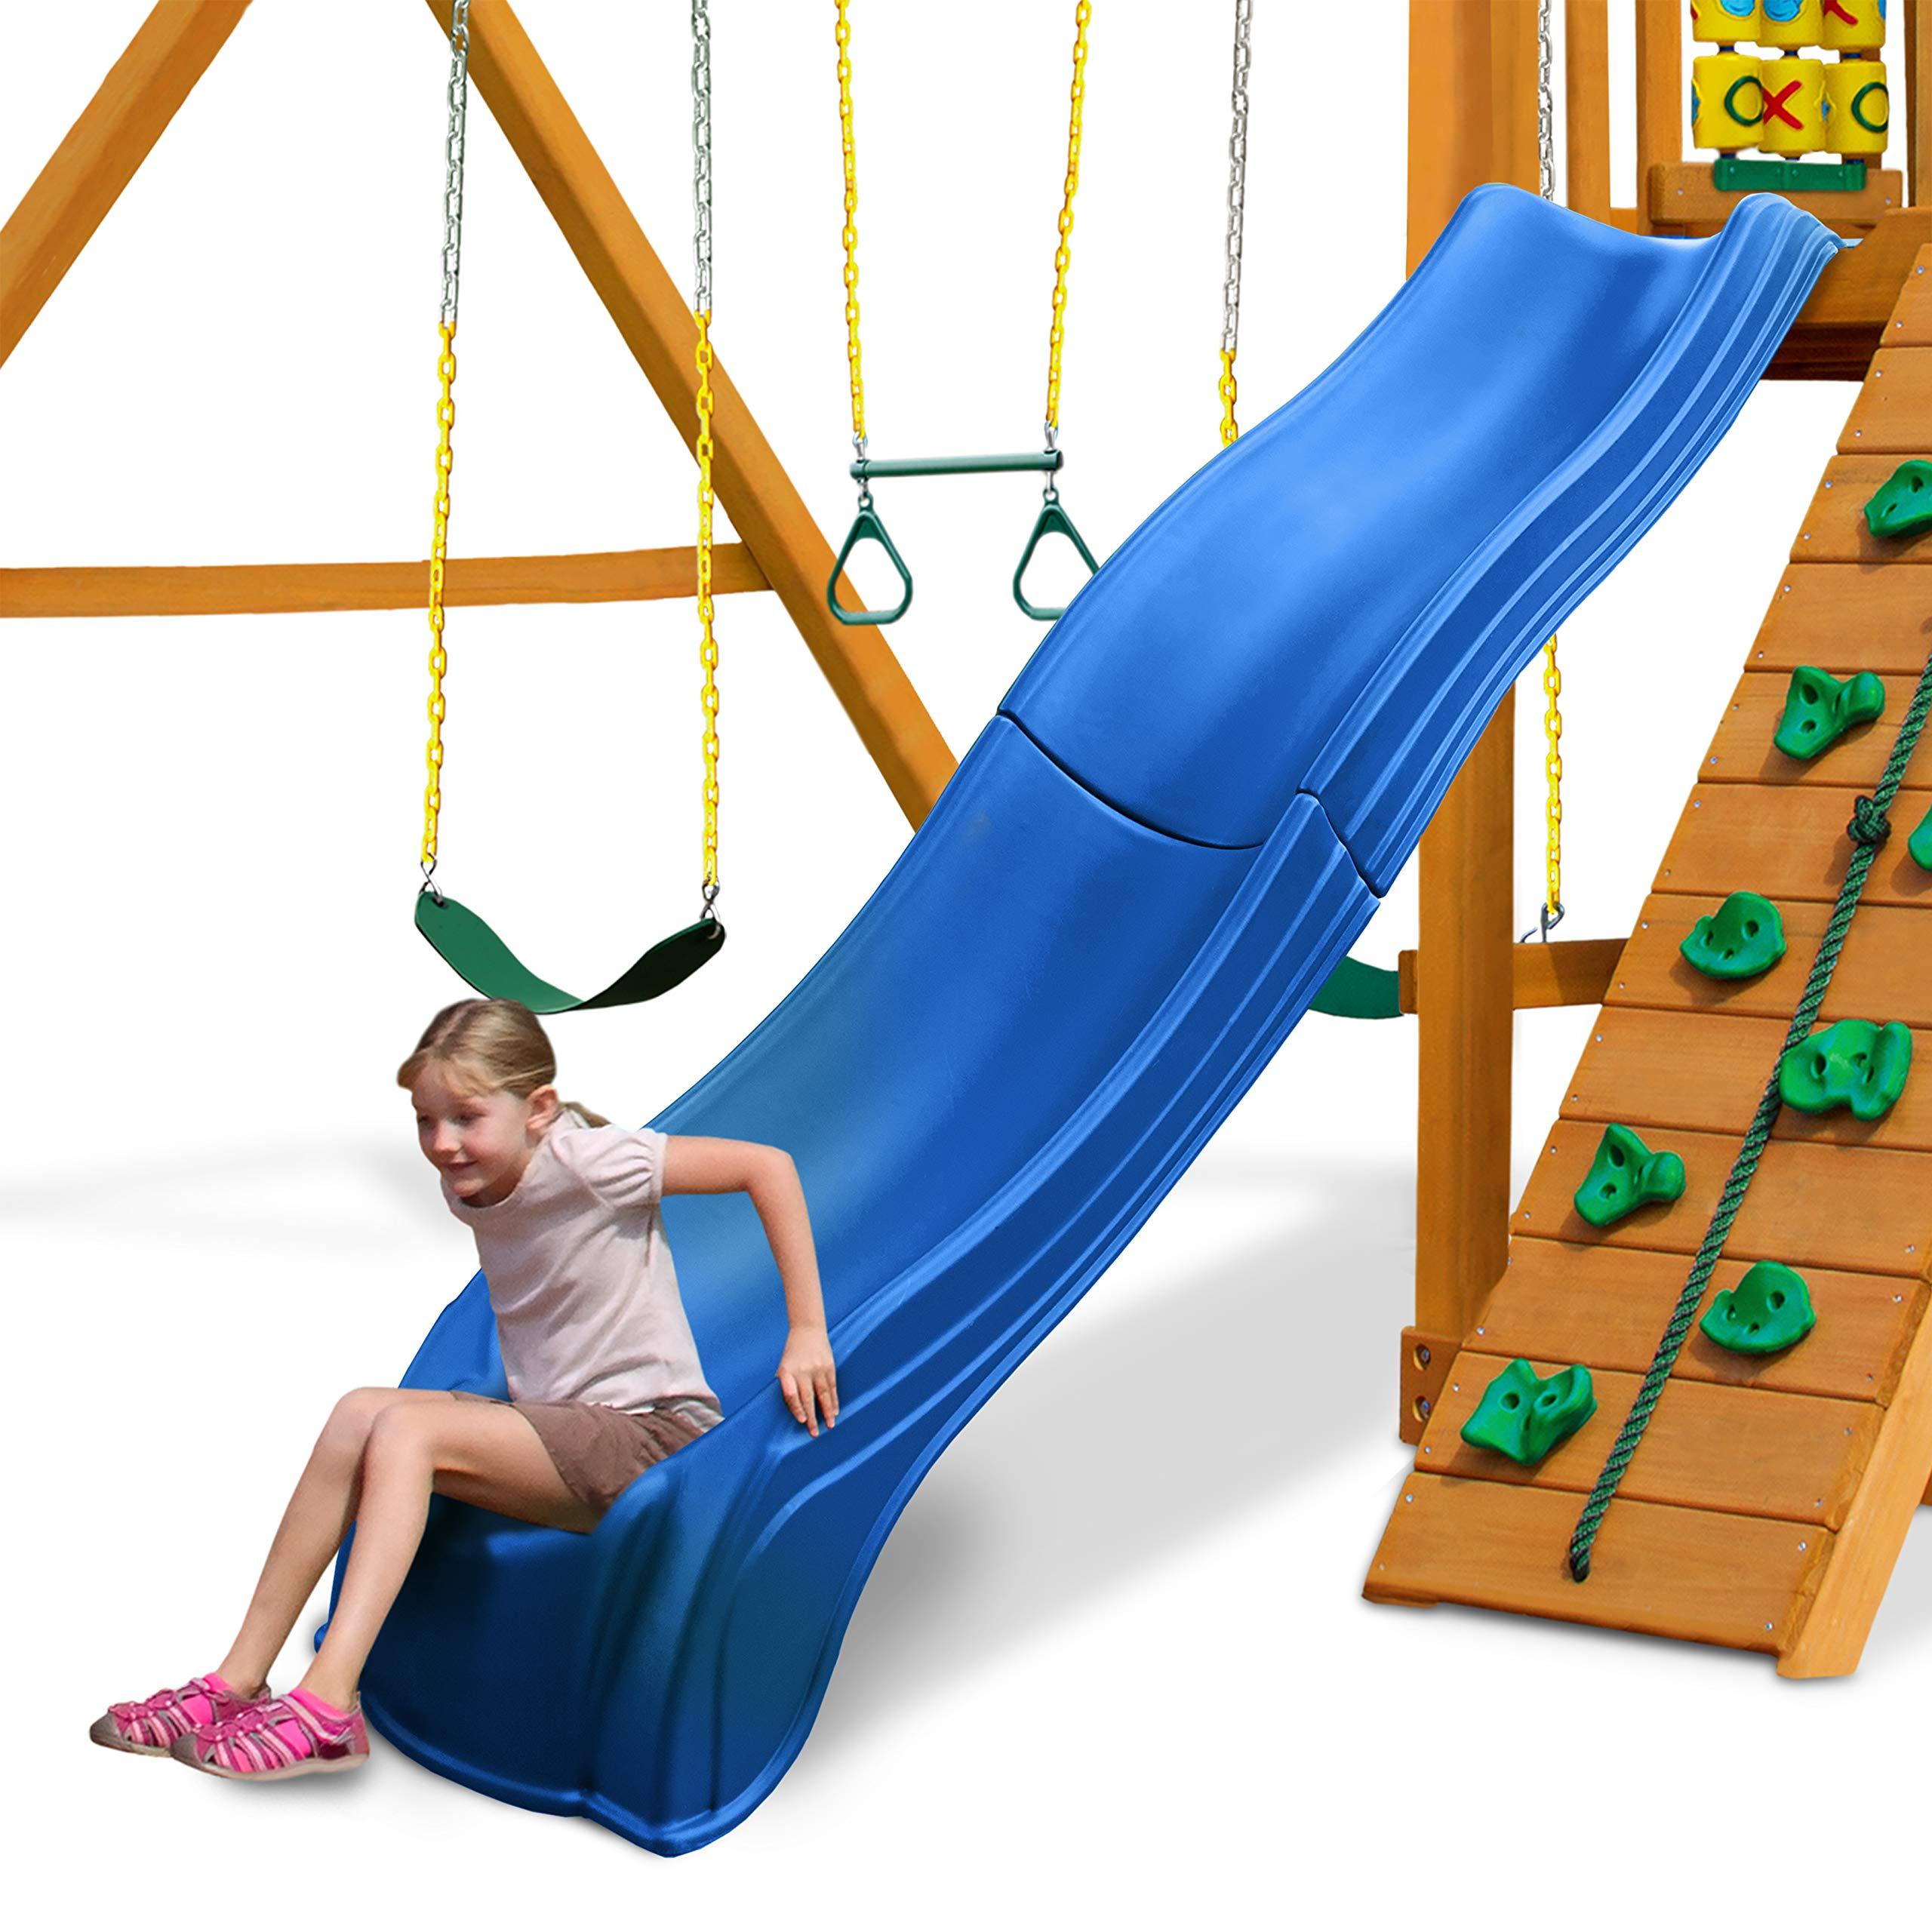 Swing-N-Slide WS 5032 Olympus Wave Slide 2 Piece Plastic Slide for 5' Decks, Blue by Swing-N-Slide (Image #6)